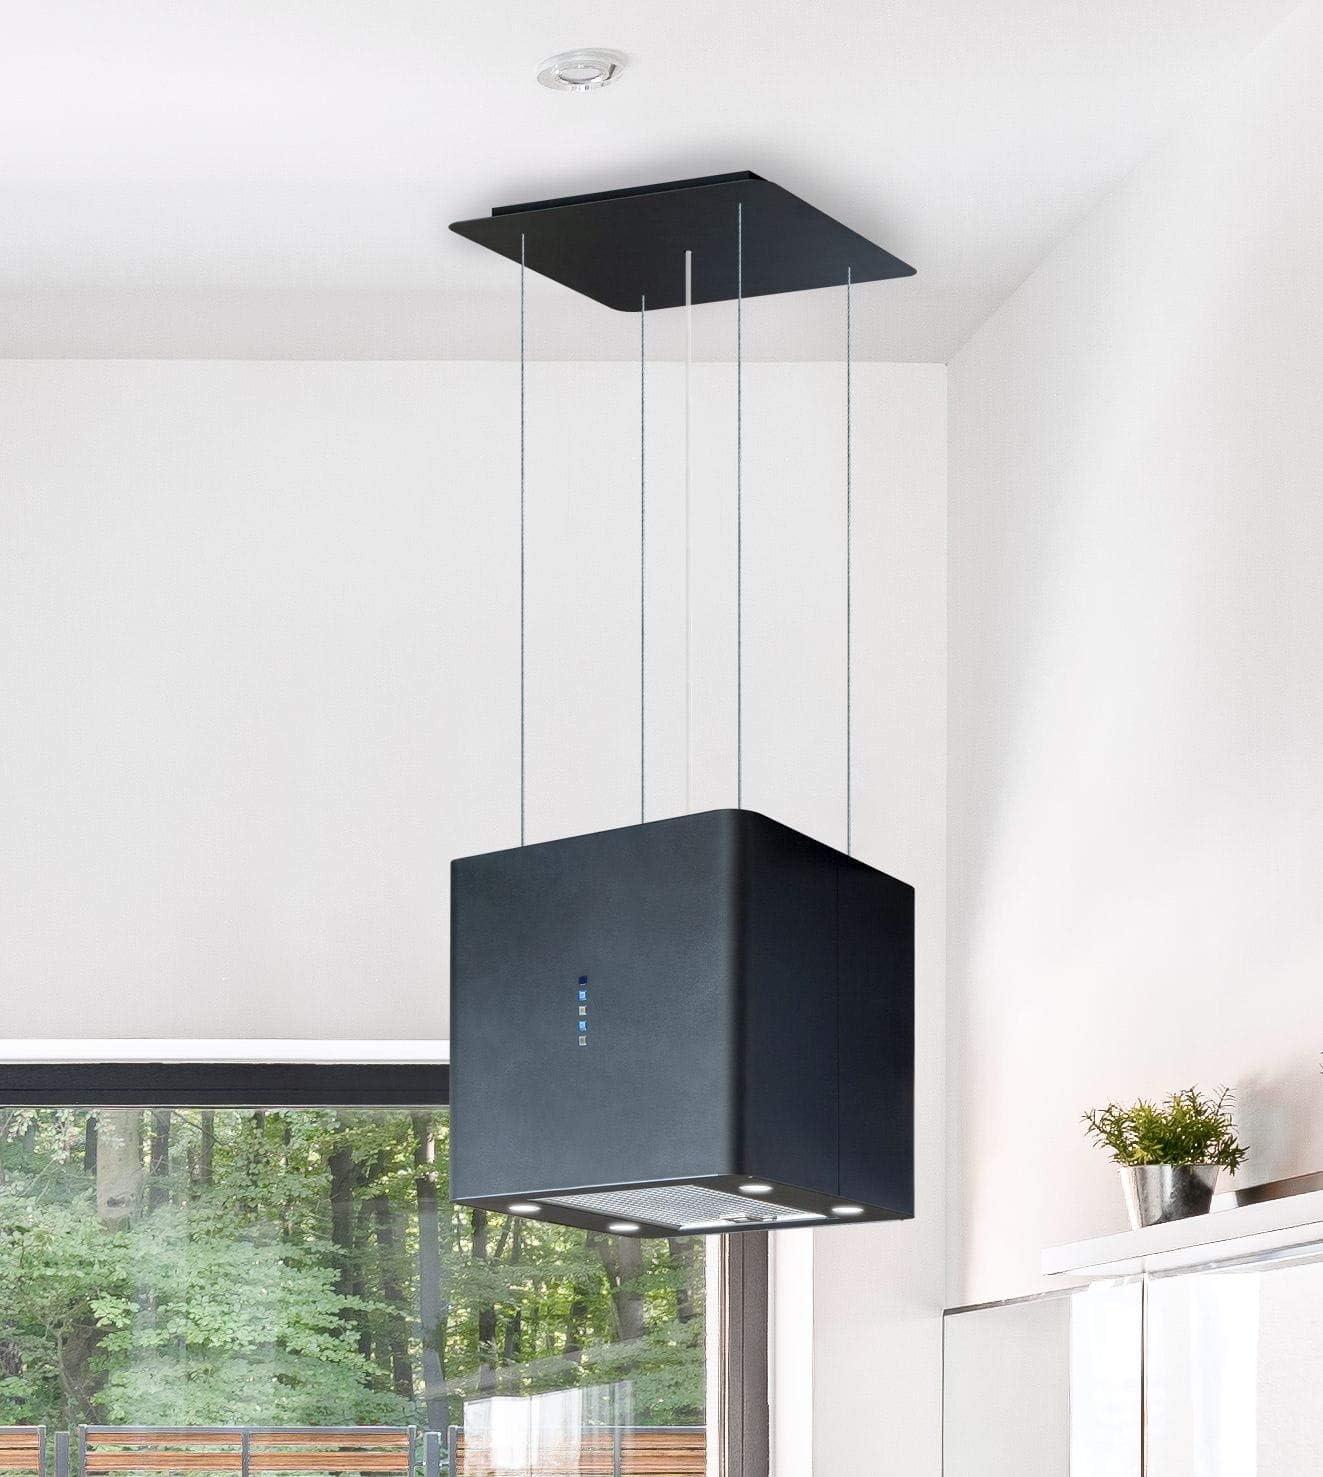 Xberg Premium Design - Campana extractora de techo para insectos (incluye mando a distancia, iluminación LED)